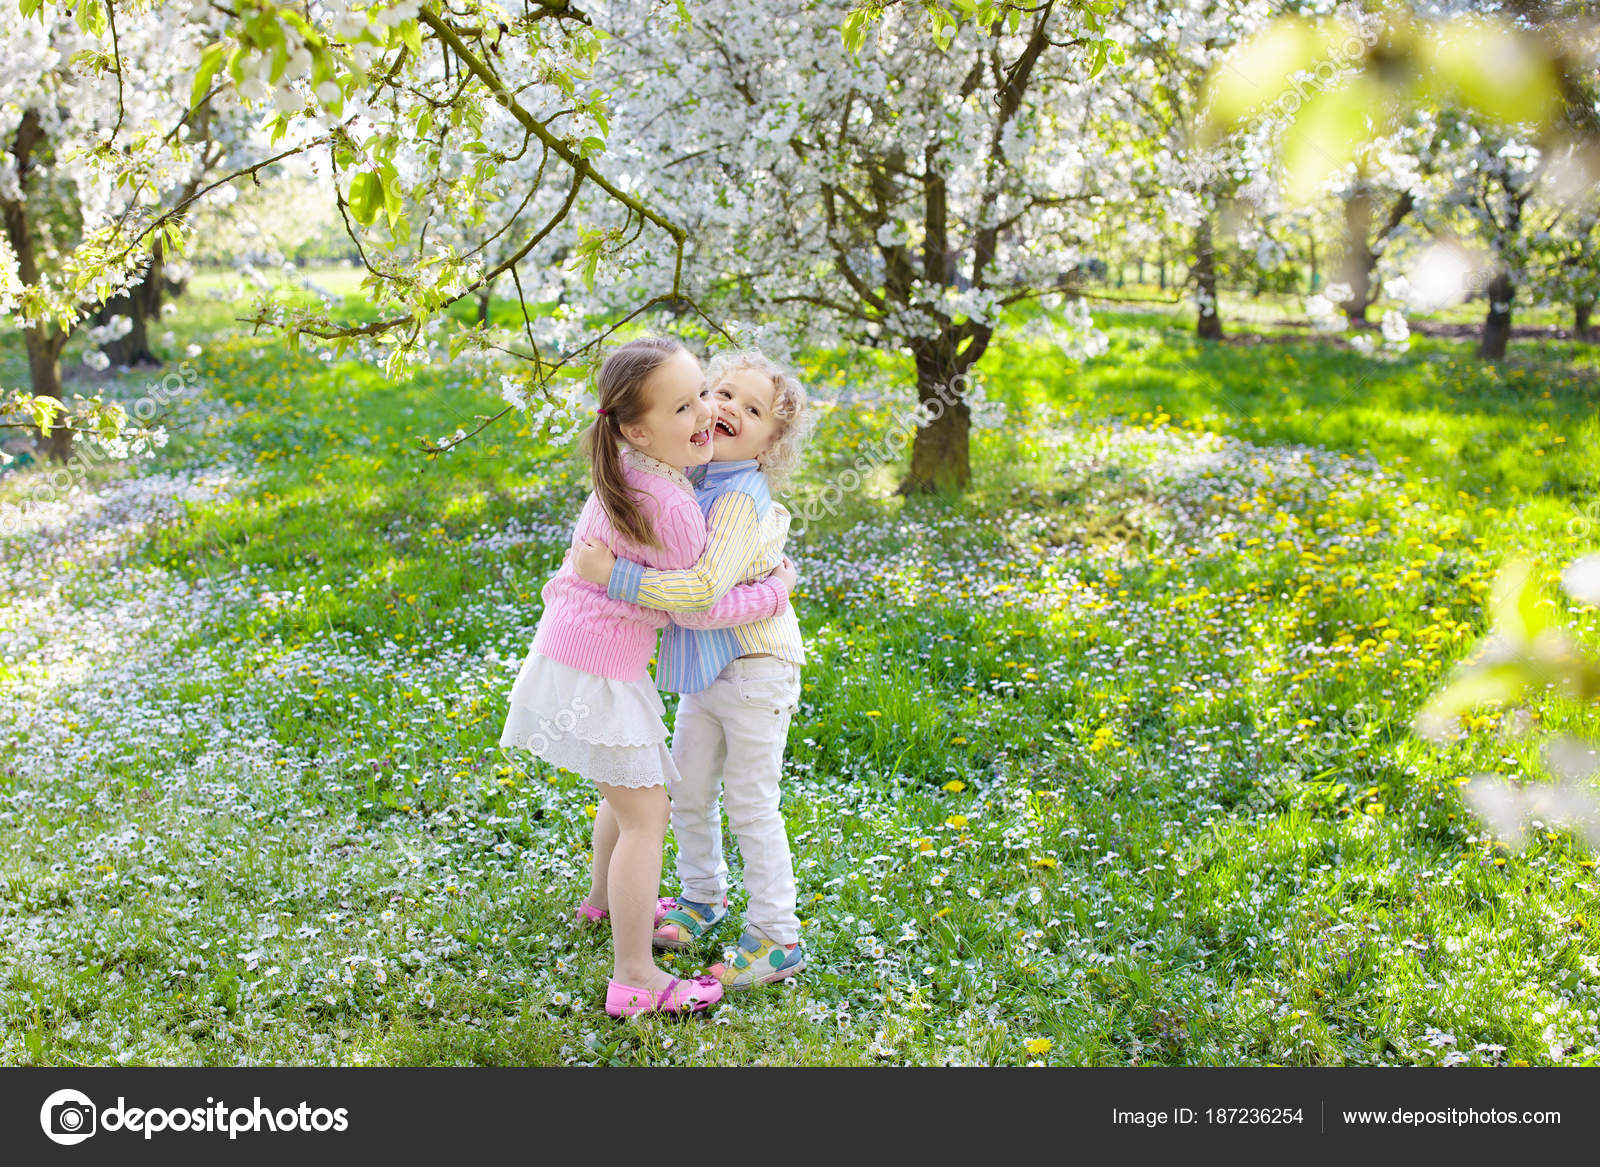 c7508729fdebc Enfants jouant dans le jardin de fleurs de cerisiers en fleurs. Petit  garçon et une fille avec des fleurs de printemps dans le verger.